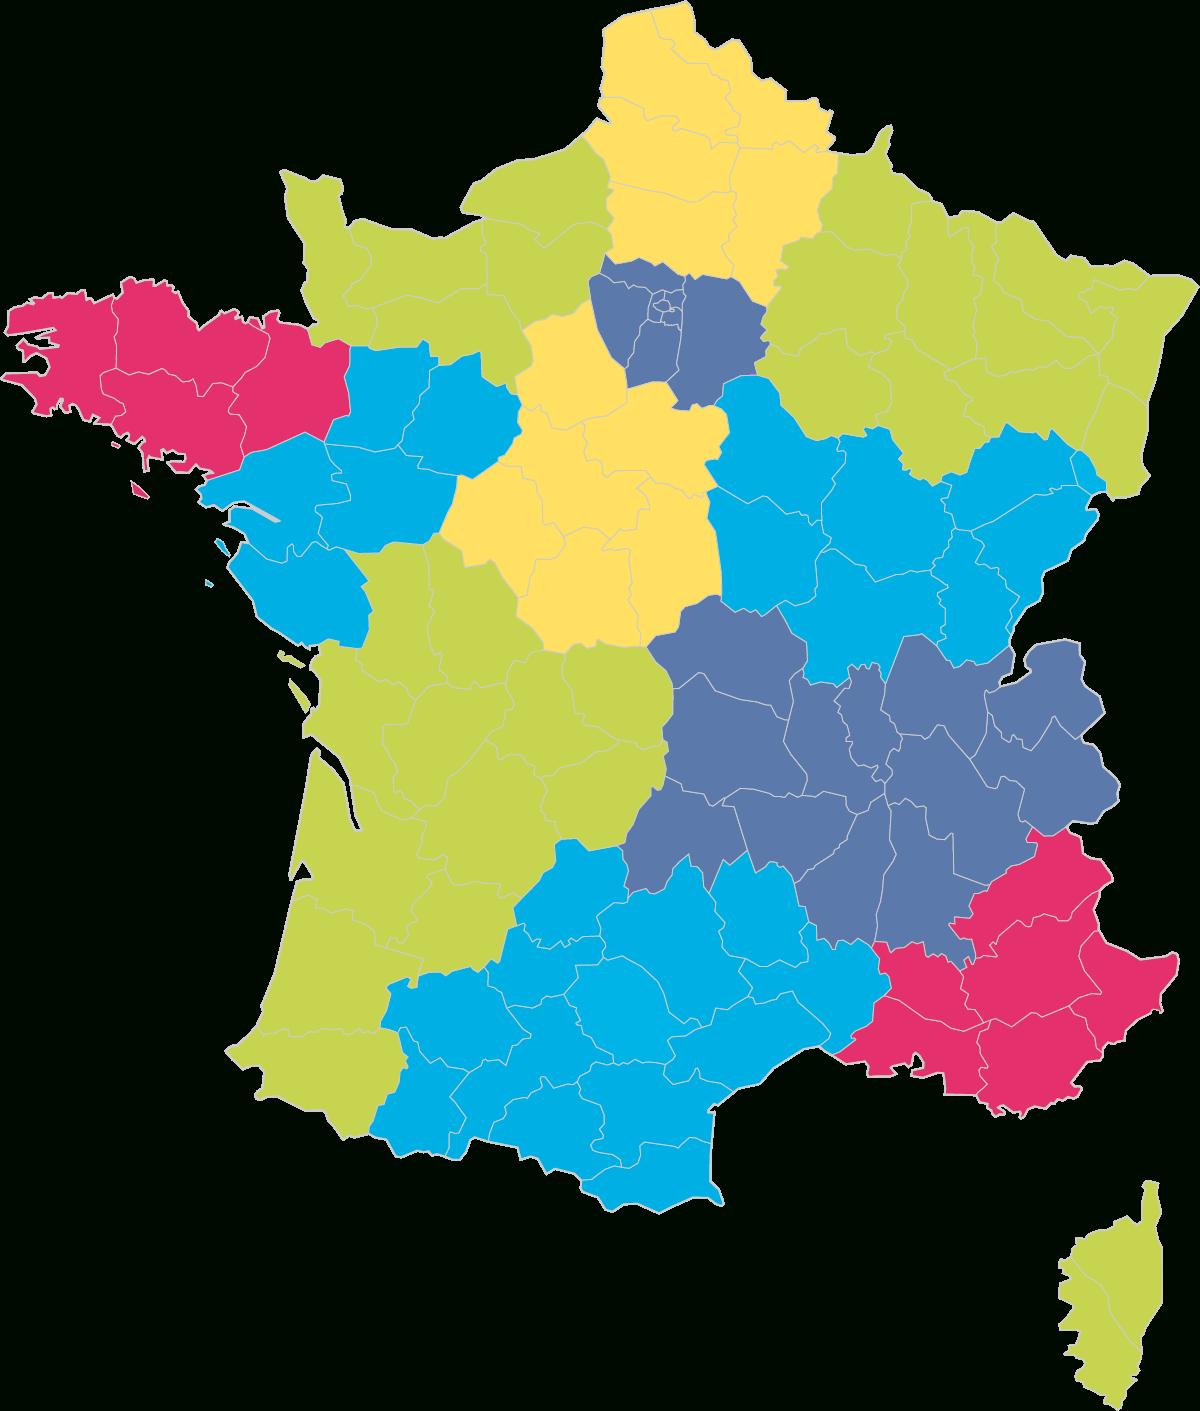 Réforme De La Carte Régionale Ordinale | Sic Numérique dedans Nouvelles Régions Carte